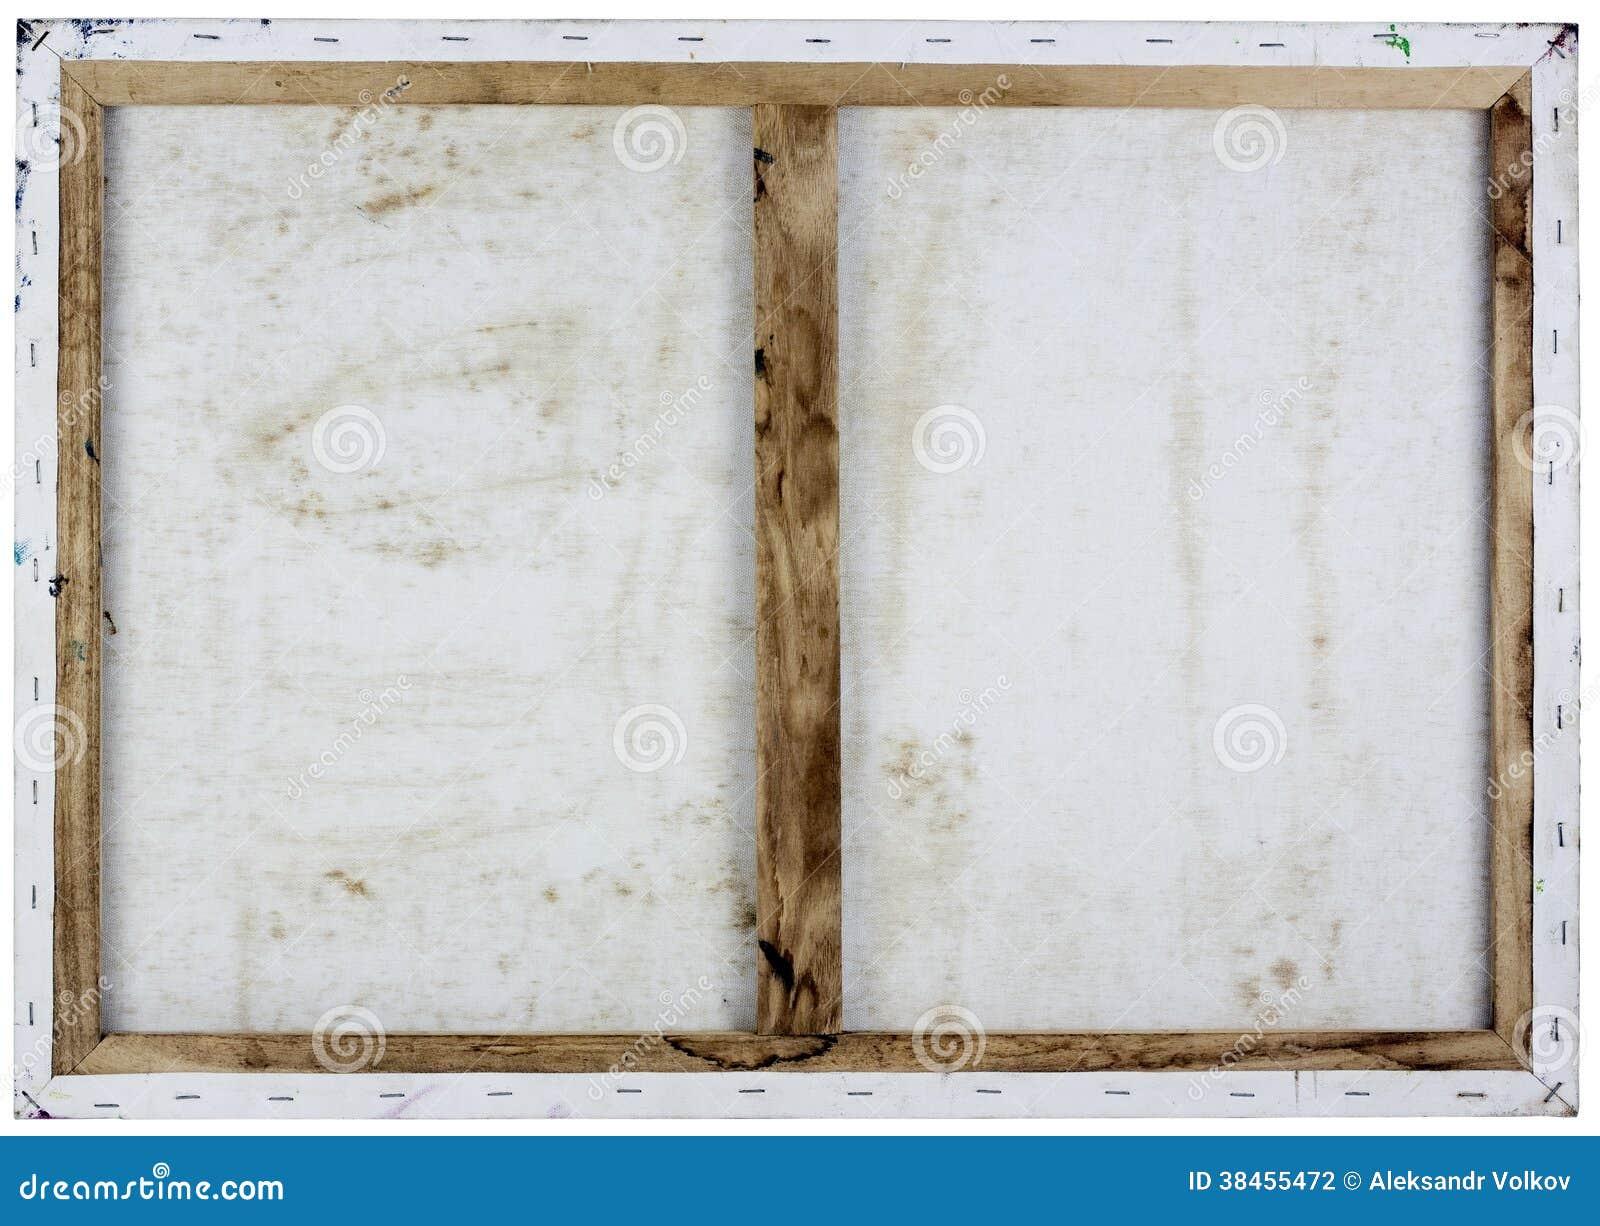 Πίσω πλάγια όψη καμβά πετρελαίου άσπρη